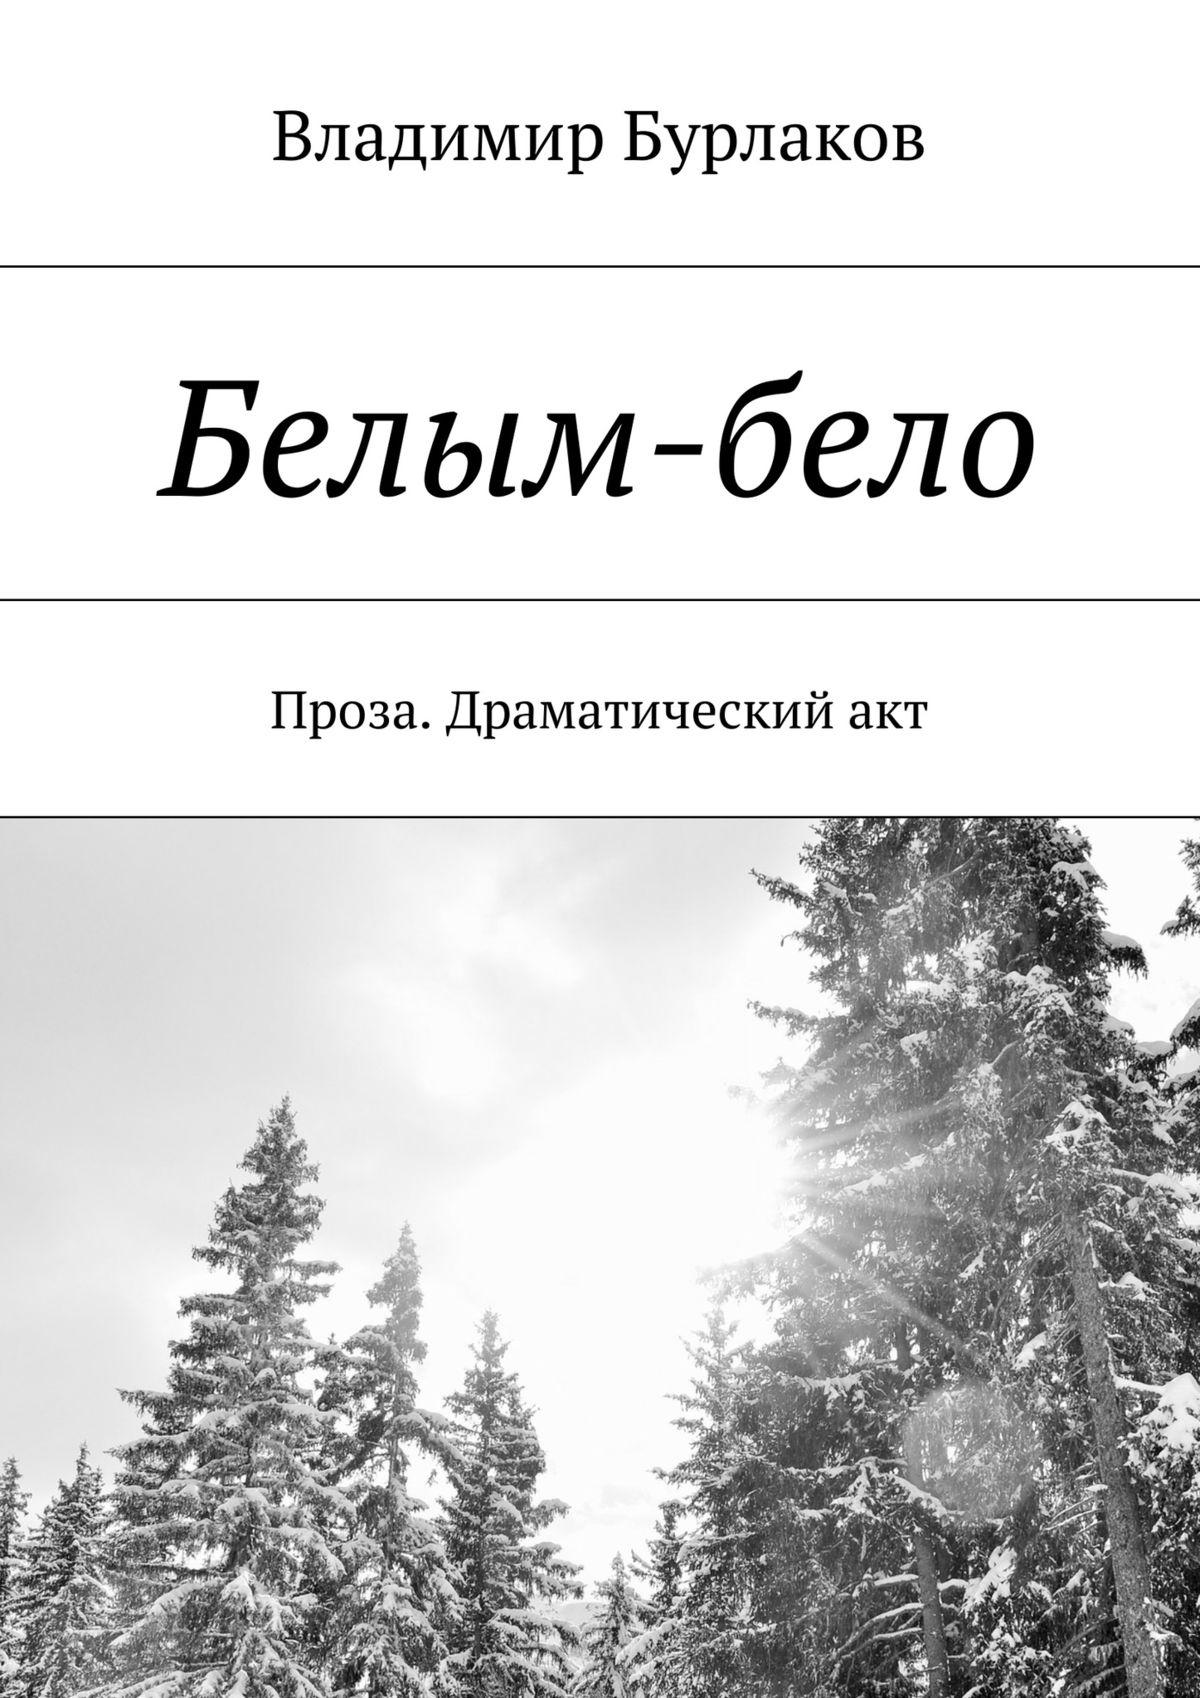 Владимир Бурлаков Белым-бело. Проза. Драматический акт бело а адреса любви записки дамы из среднего сословия только для взрослых